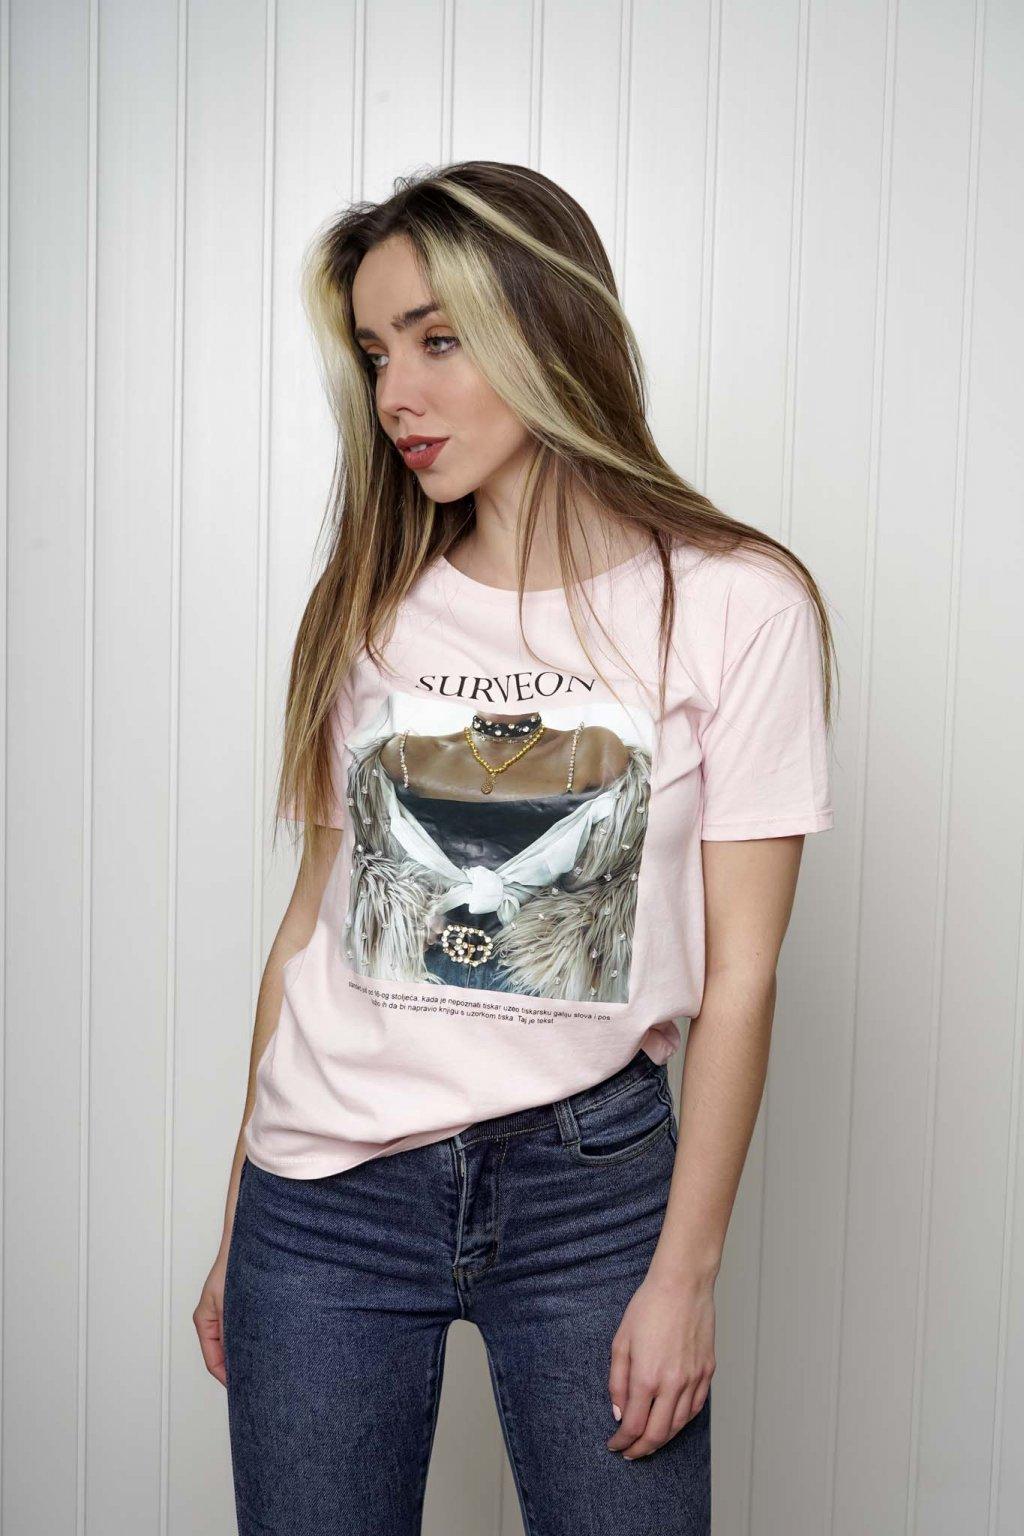 tričko, tričkové šaty, biele, čierne, žlté, vzorované, potlač, vyšívané, nášivky, fialové, street style, 338